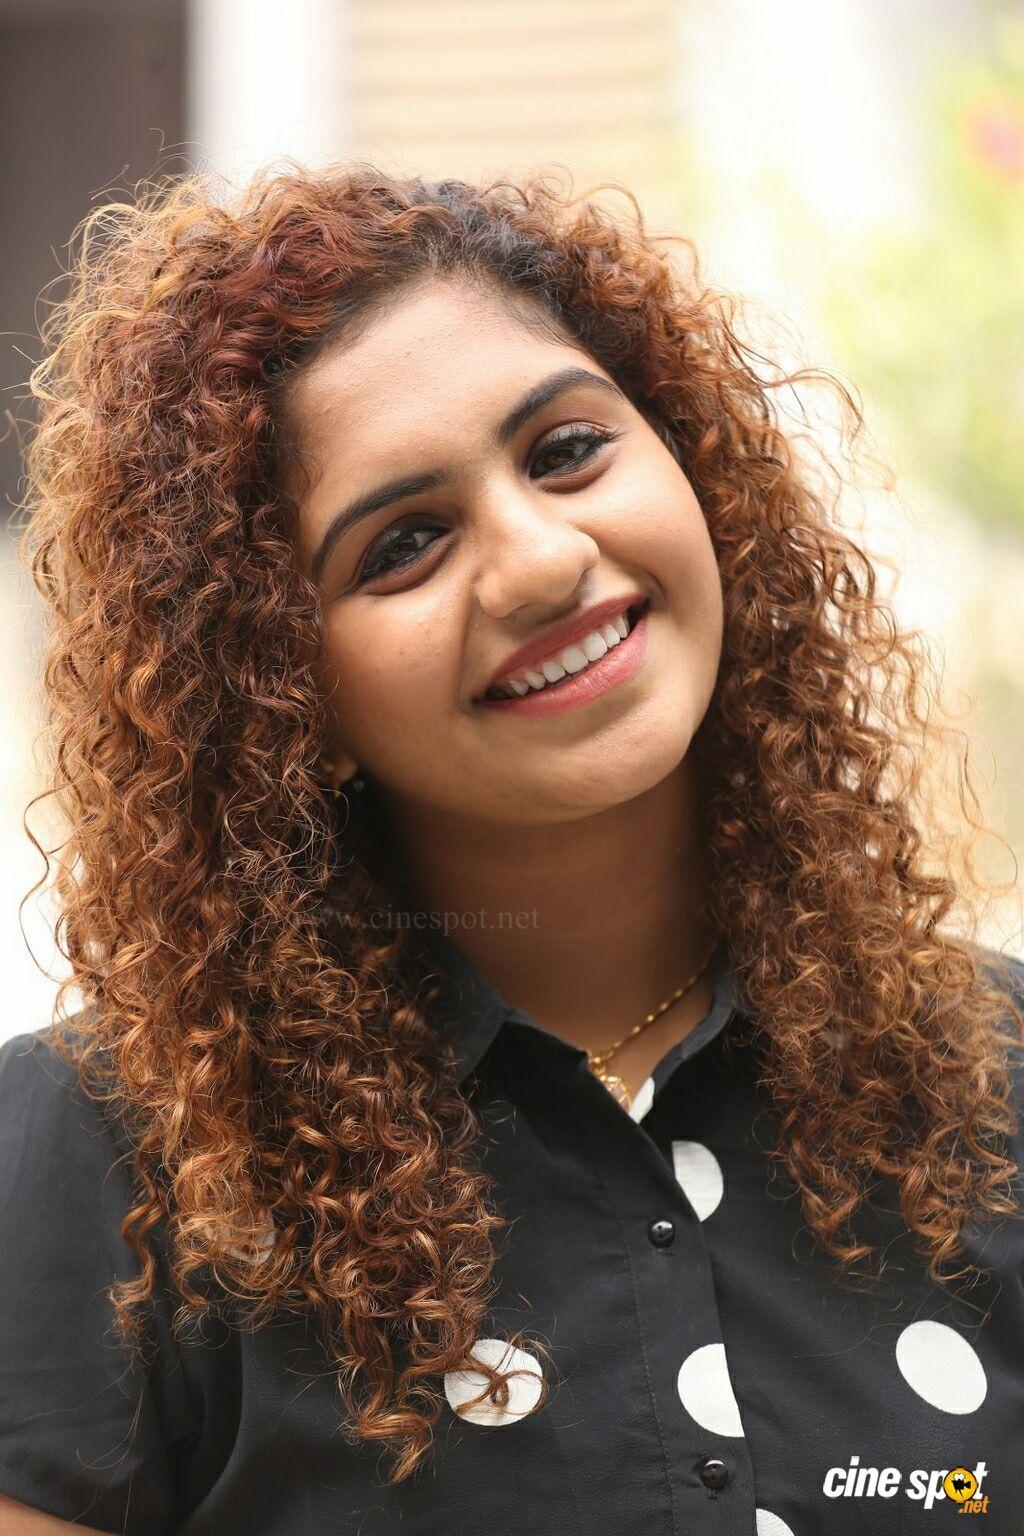 Noorin Shereef Latest Photos 38 Photo Actress Photos Actresses